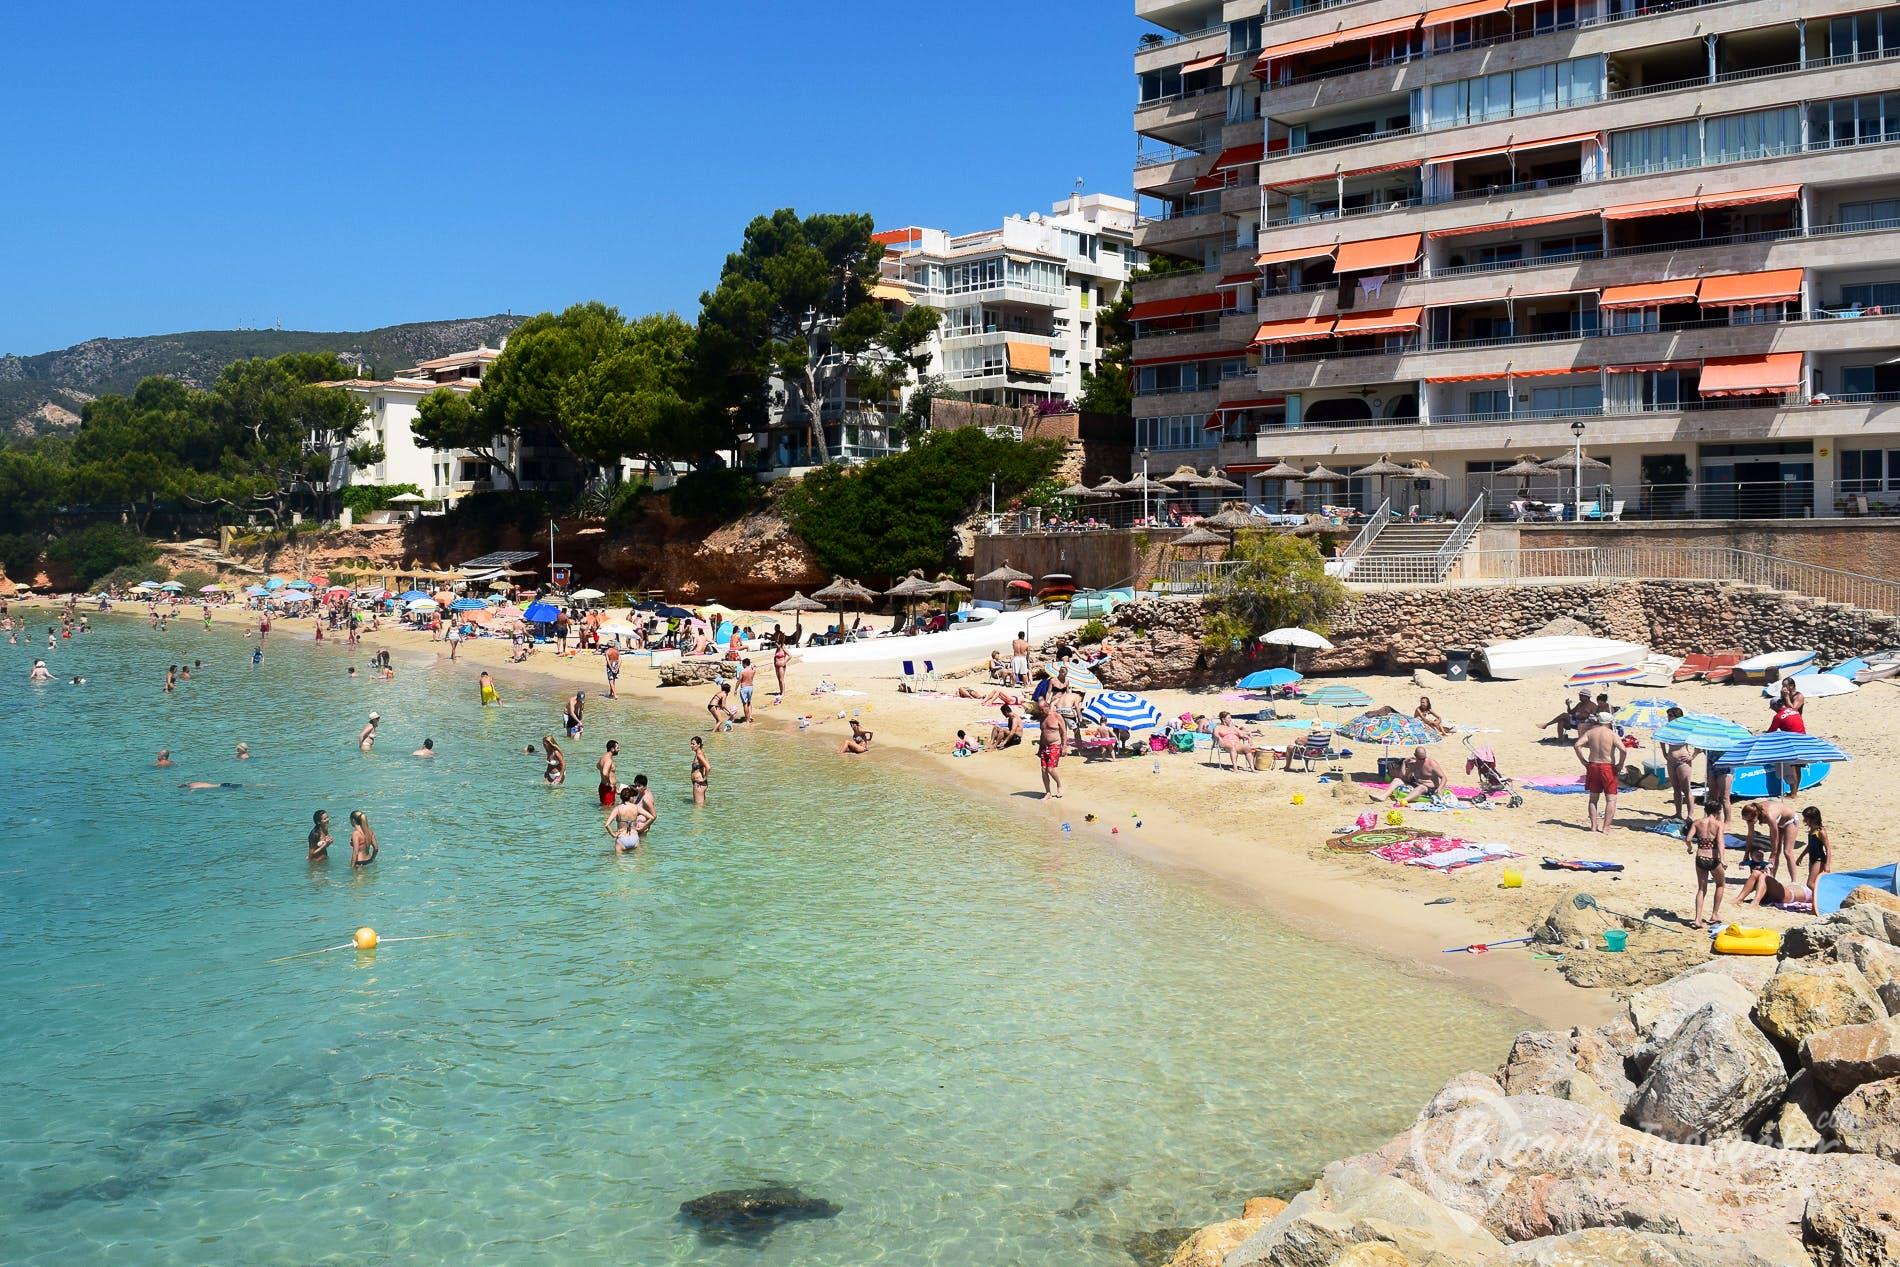 Beach Playa Punta Portals, Majorca, Spain